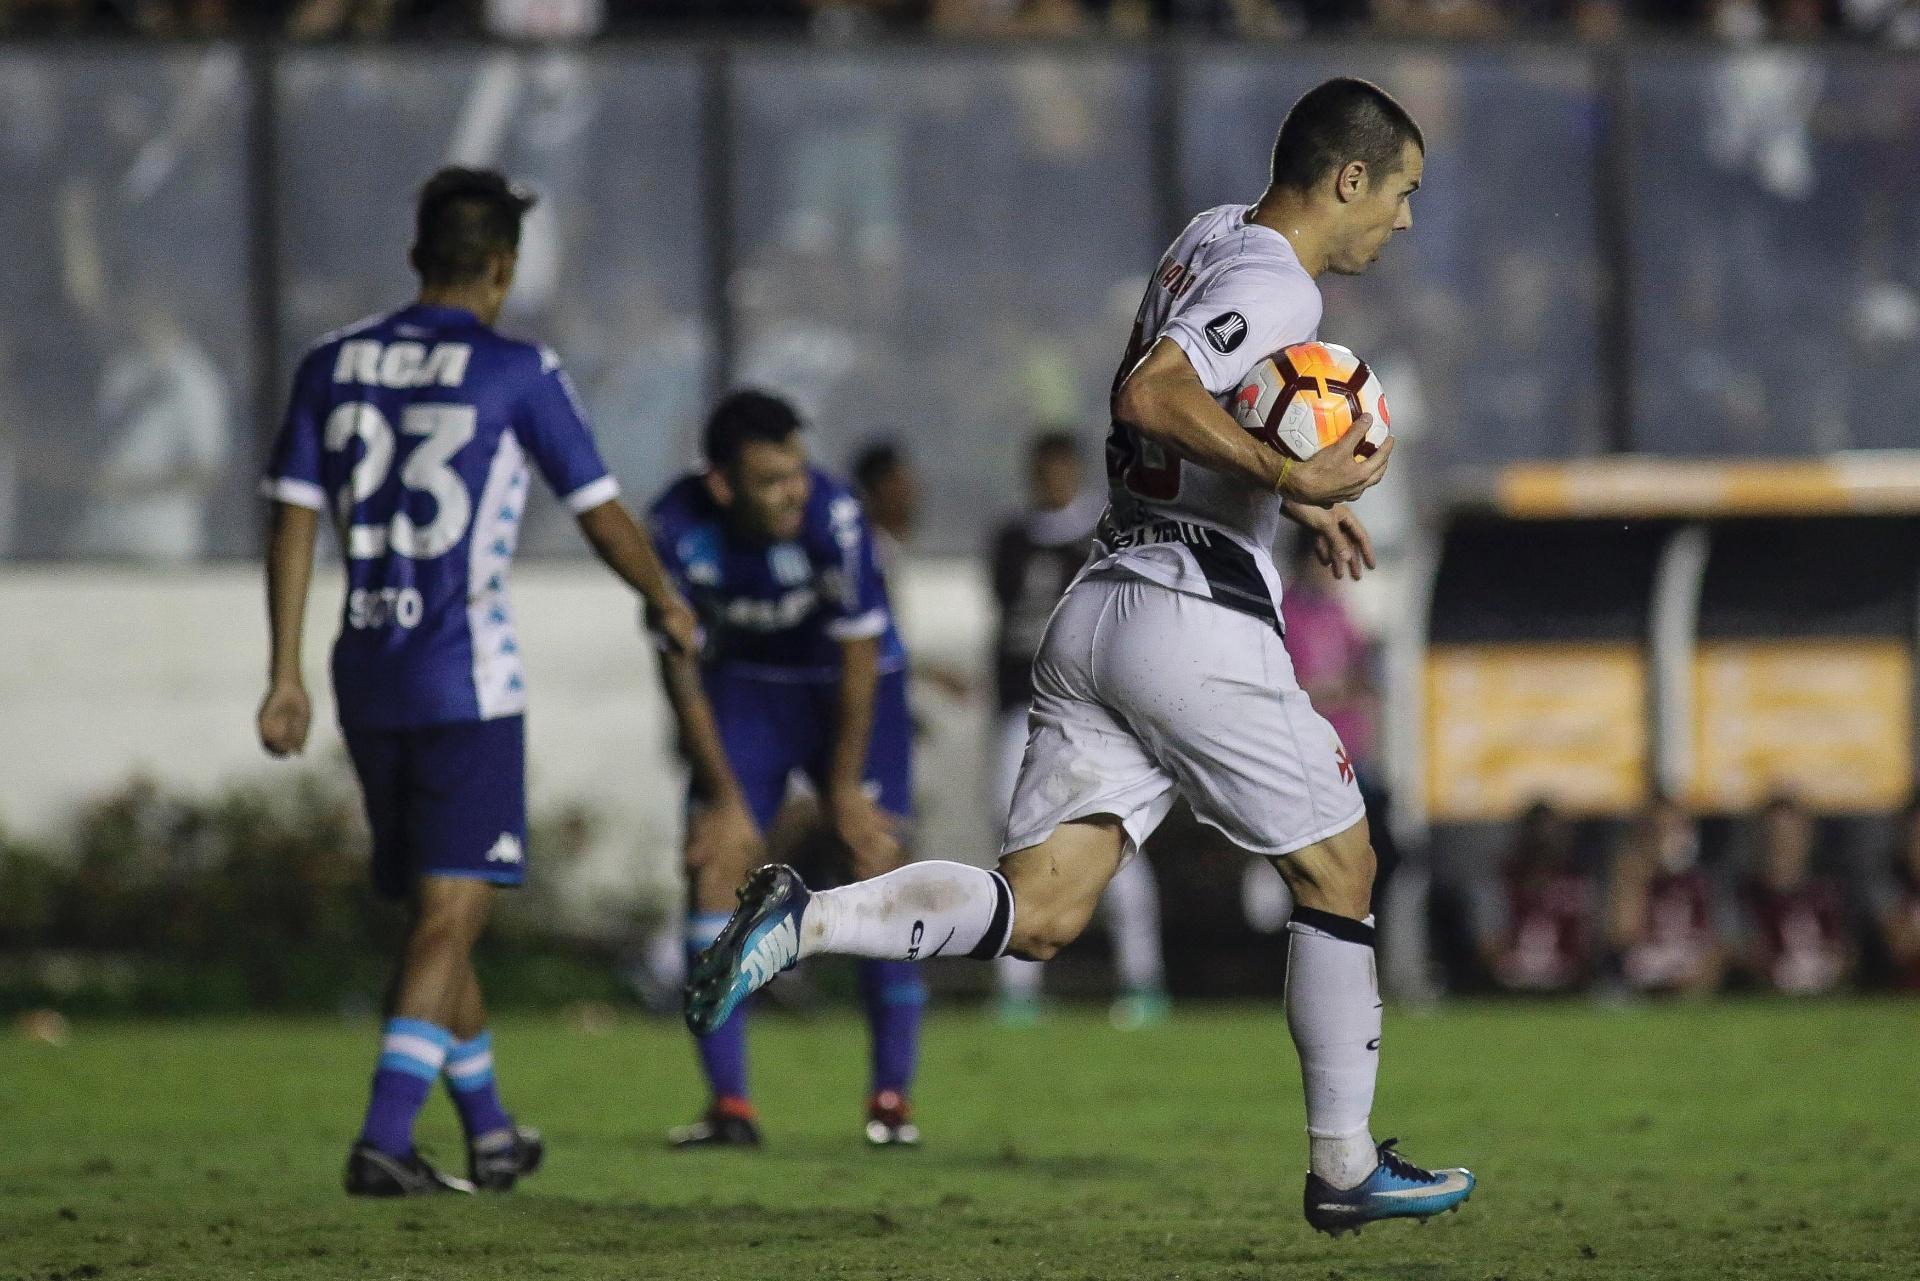 Vasco busca o empate contra o Racing e ainda respira na Libertadores -  26 04 2018 - UOL Esporte b63272ec2dbe8